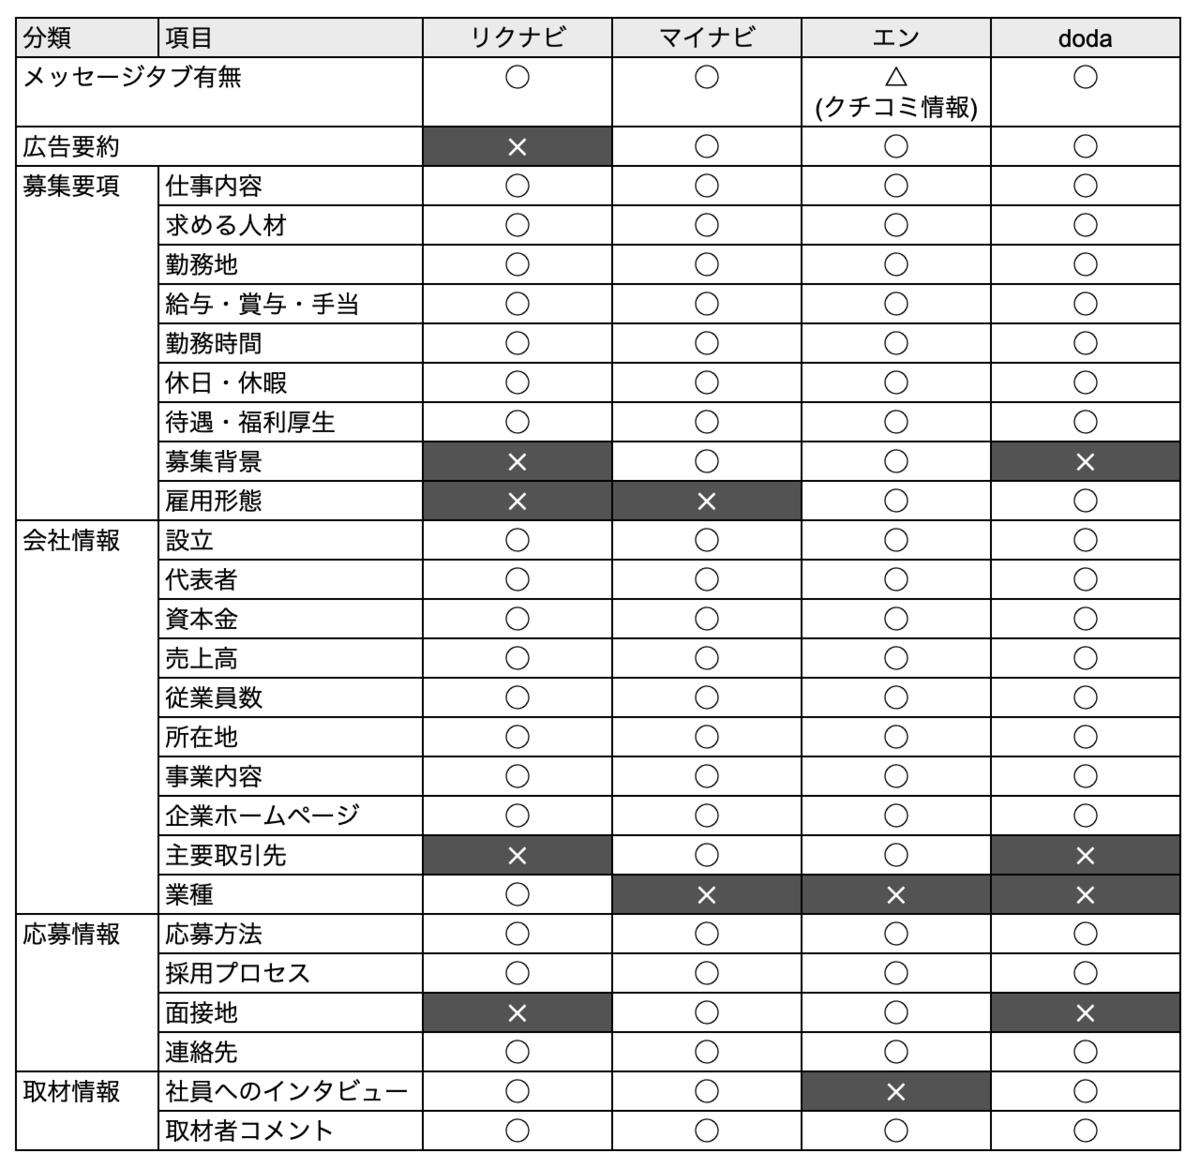 f:id:hataraku-kaigi:20190906100929p:plain